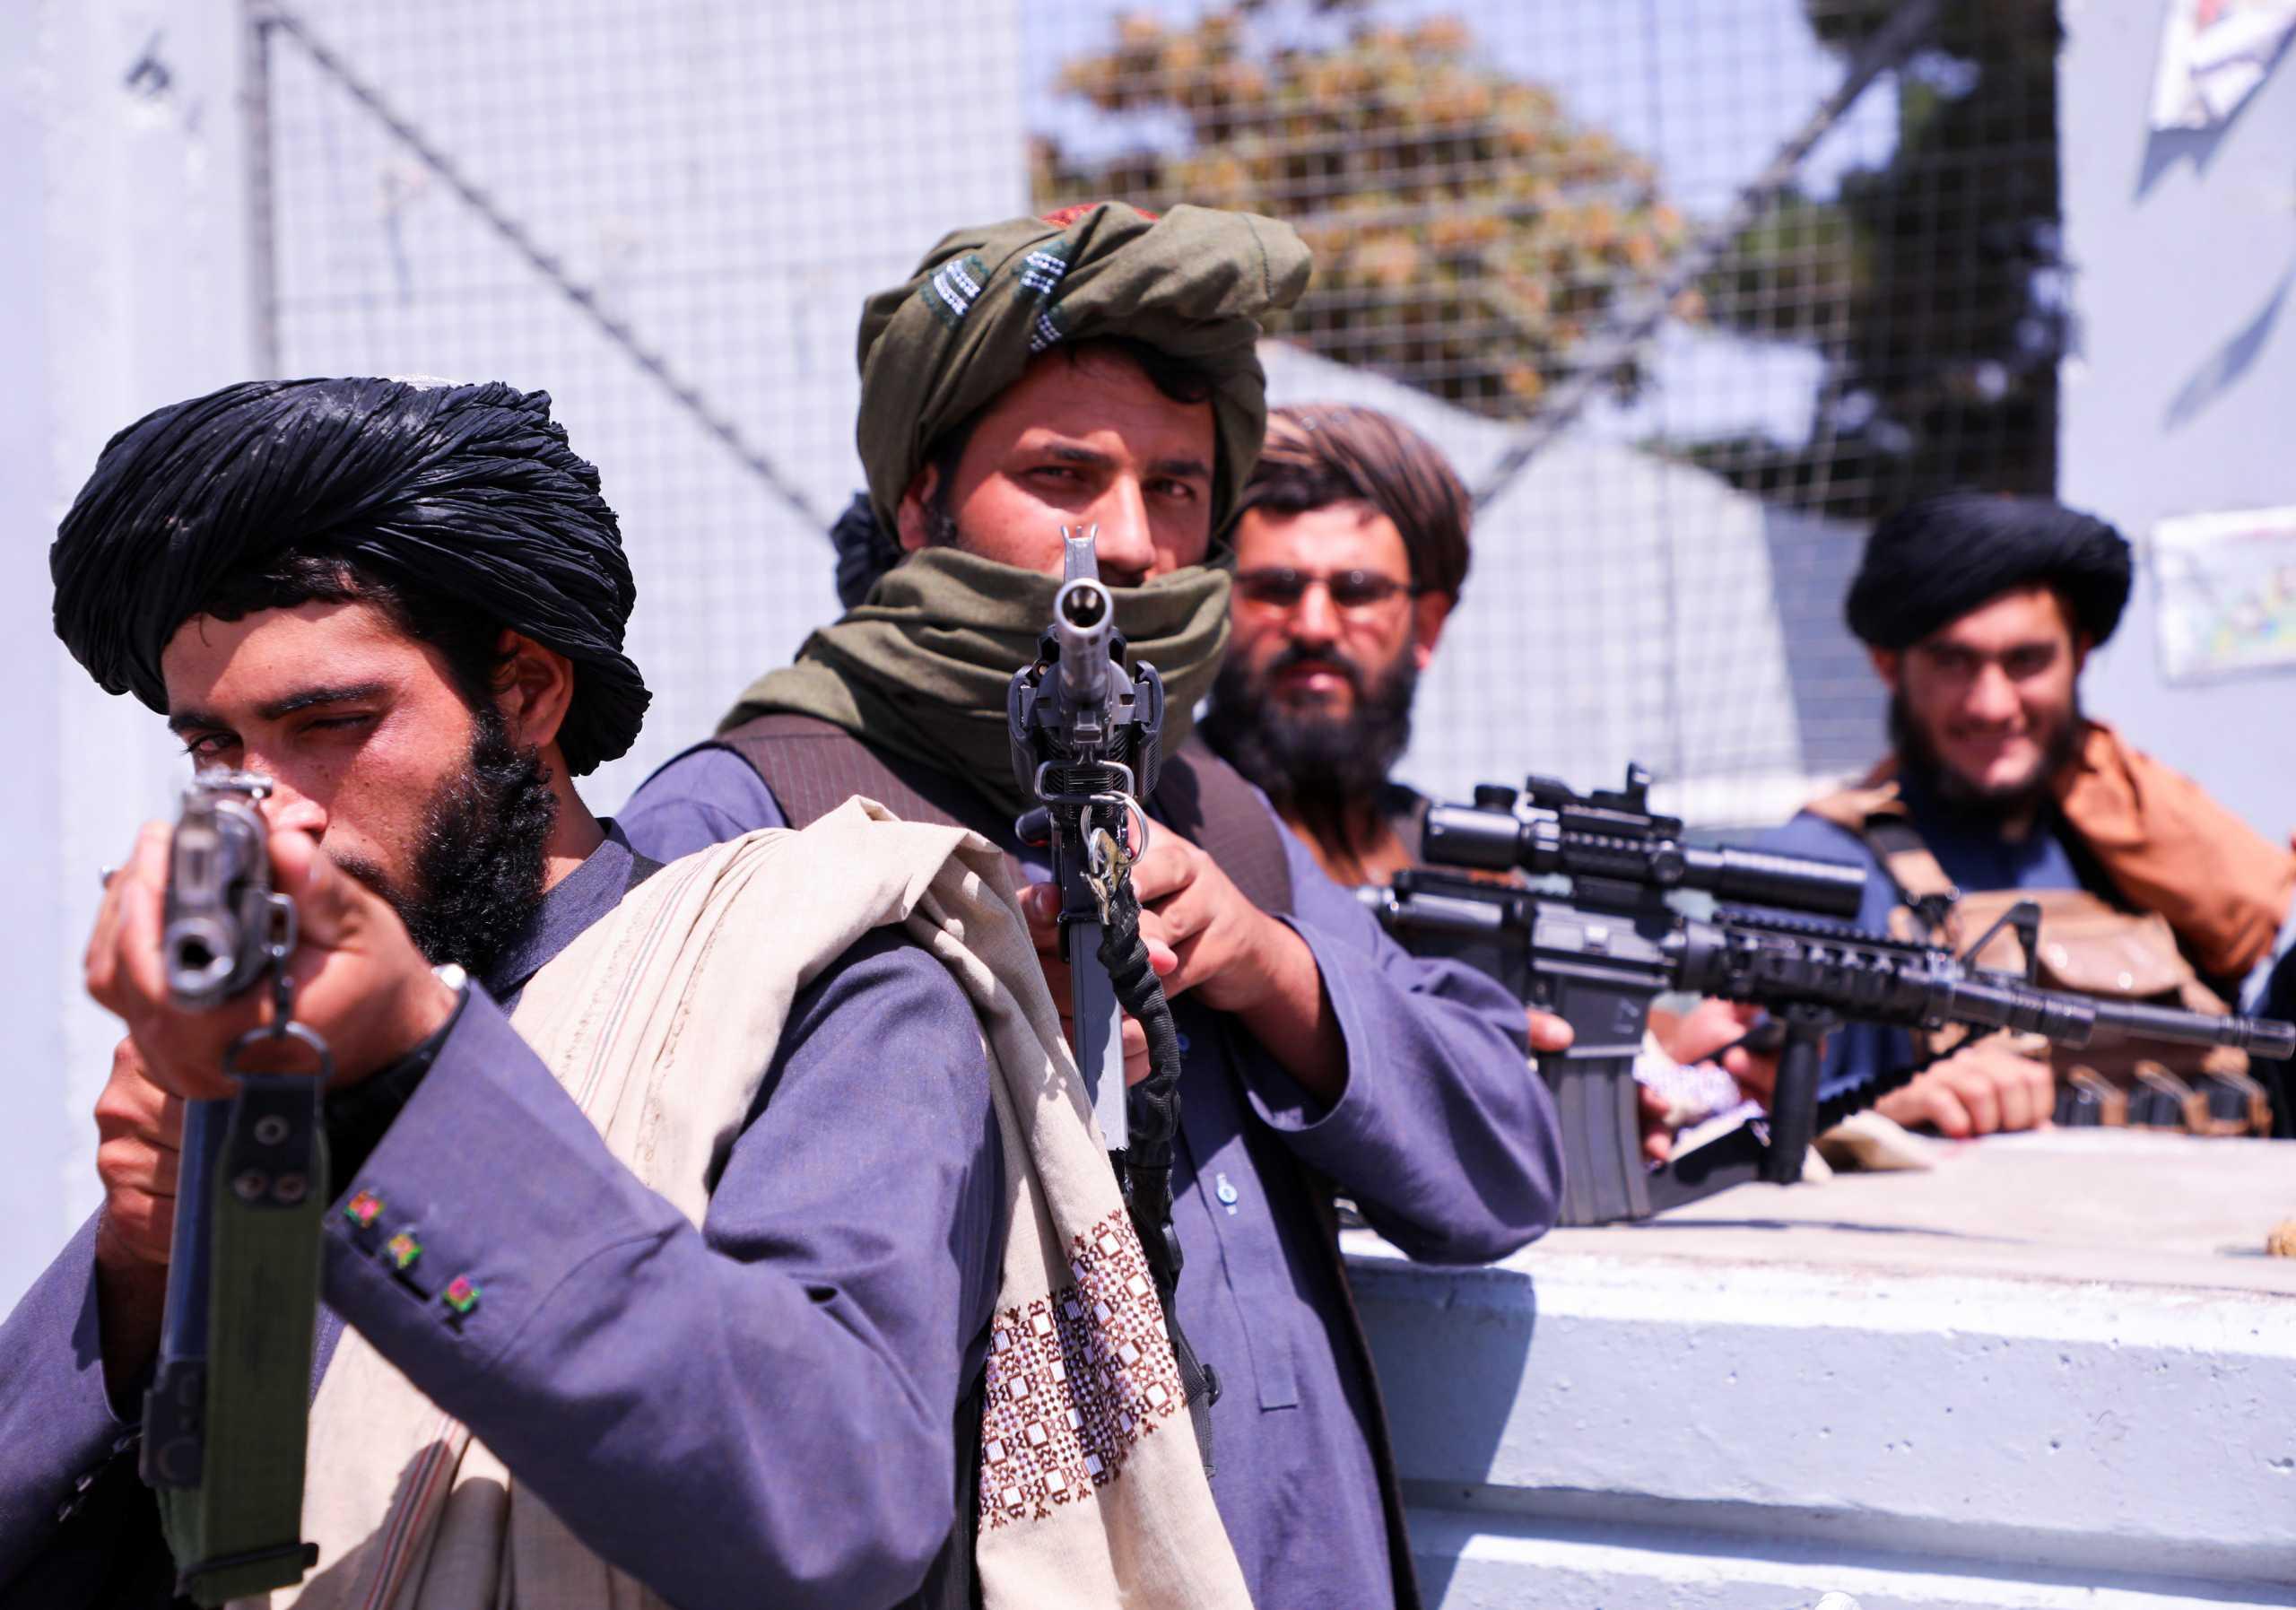 Μόνο Ταλιμπάν στη νέα κυβέρνηση του Αφγανιστάν – Πότε θα ανακοινωθεί